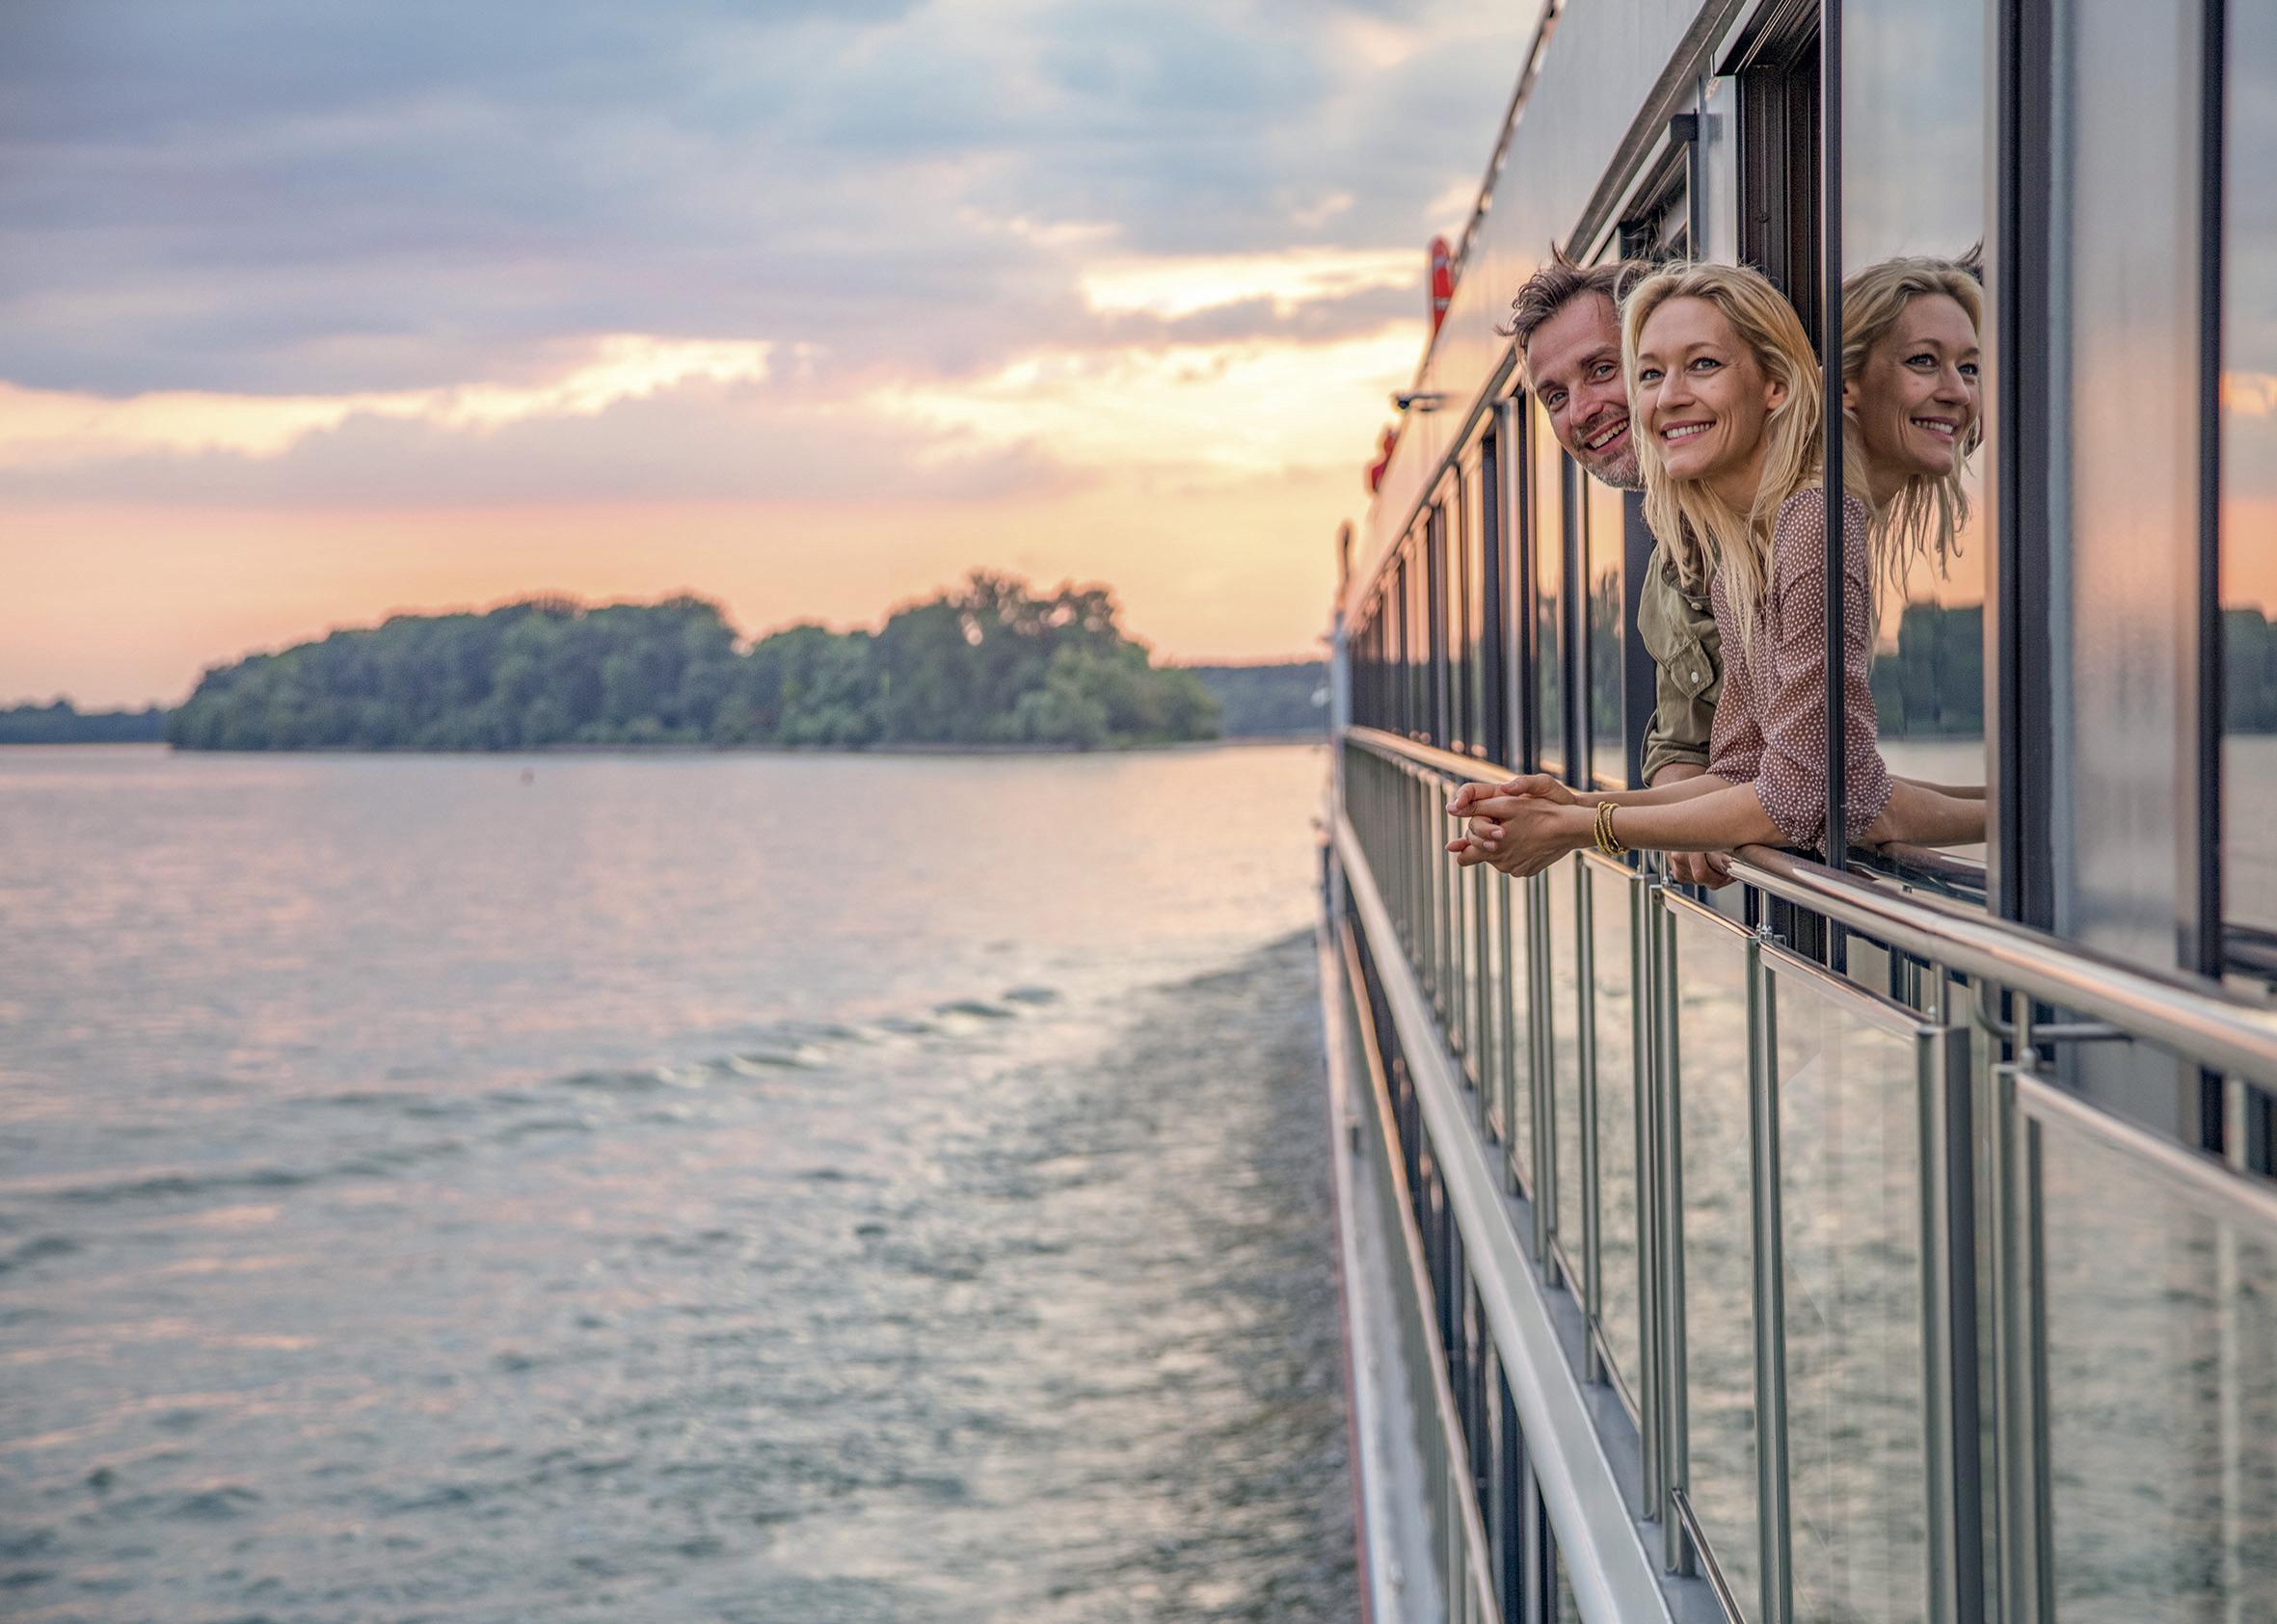 Gemeinsam die Welt entdecken. nicko cruises bietet auf 31 Gewässern in 24 Ländern eine große Routenvielfalt.